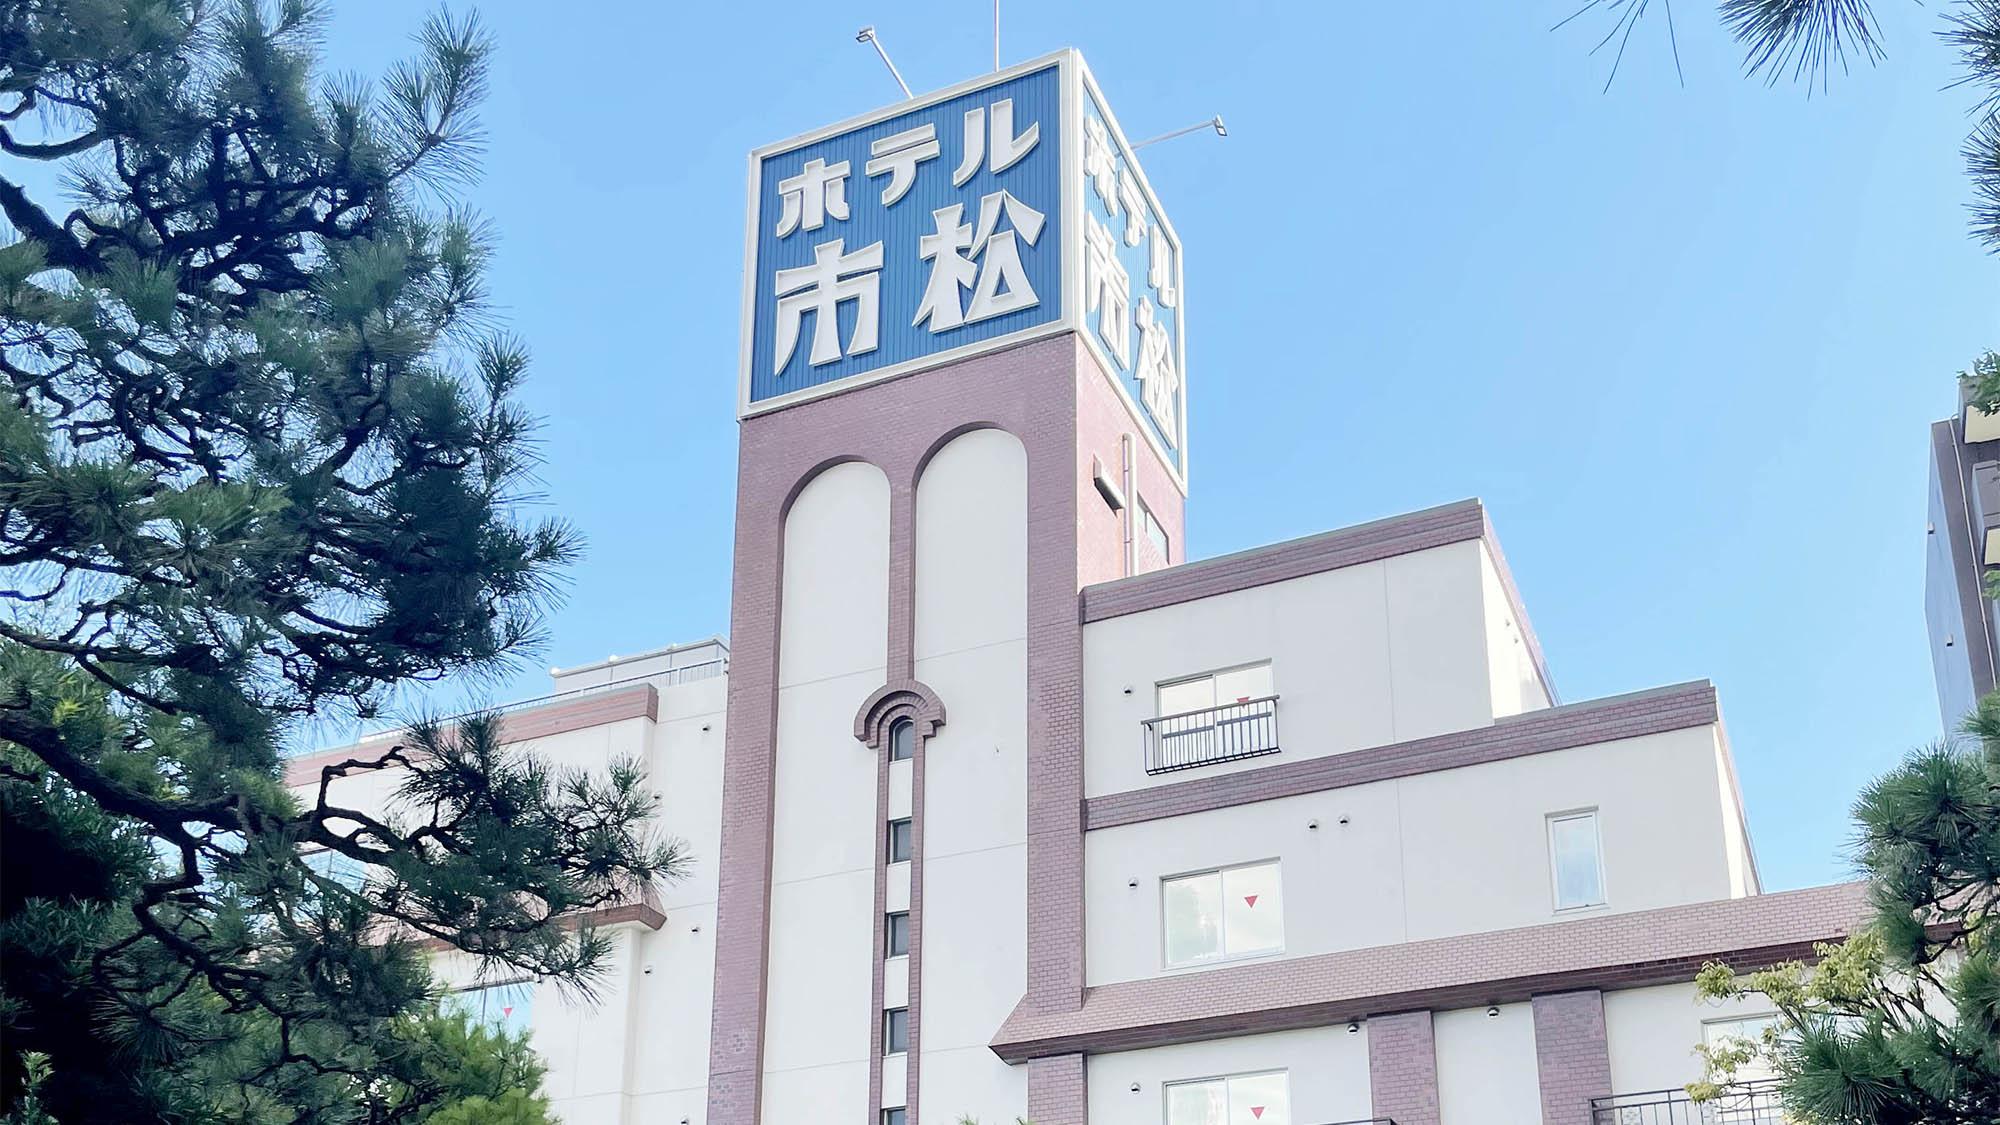 ホテル市松 image